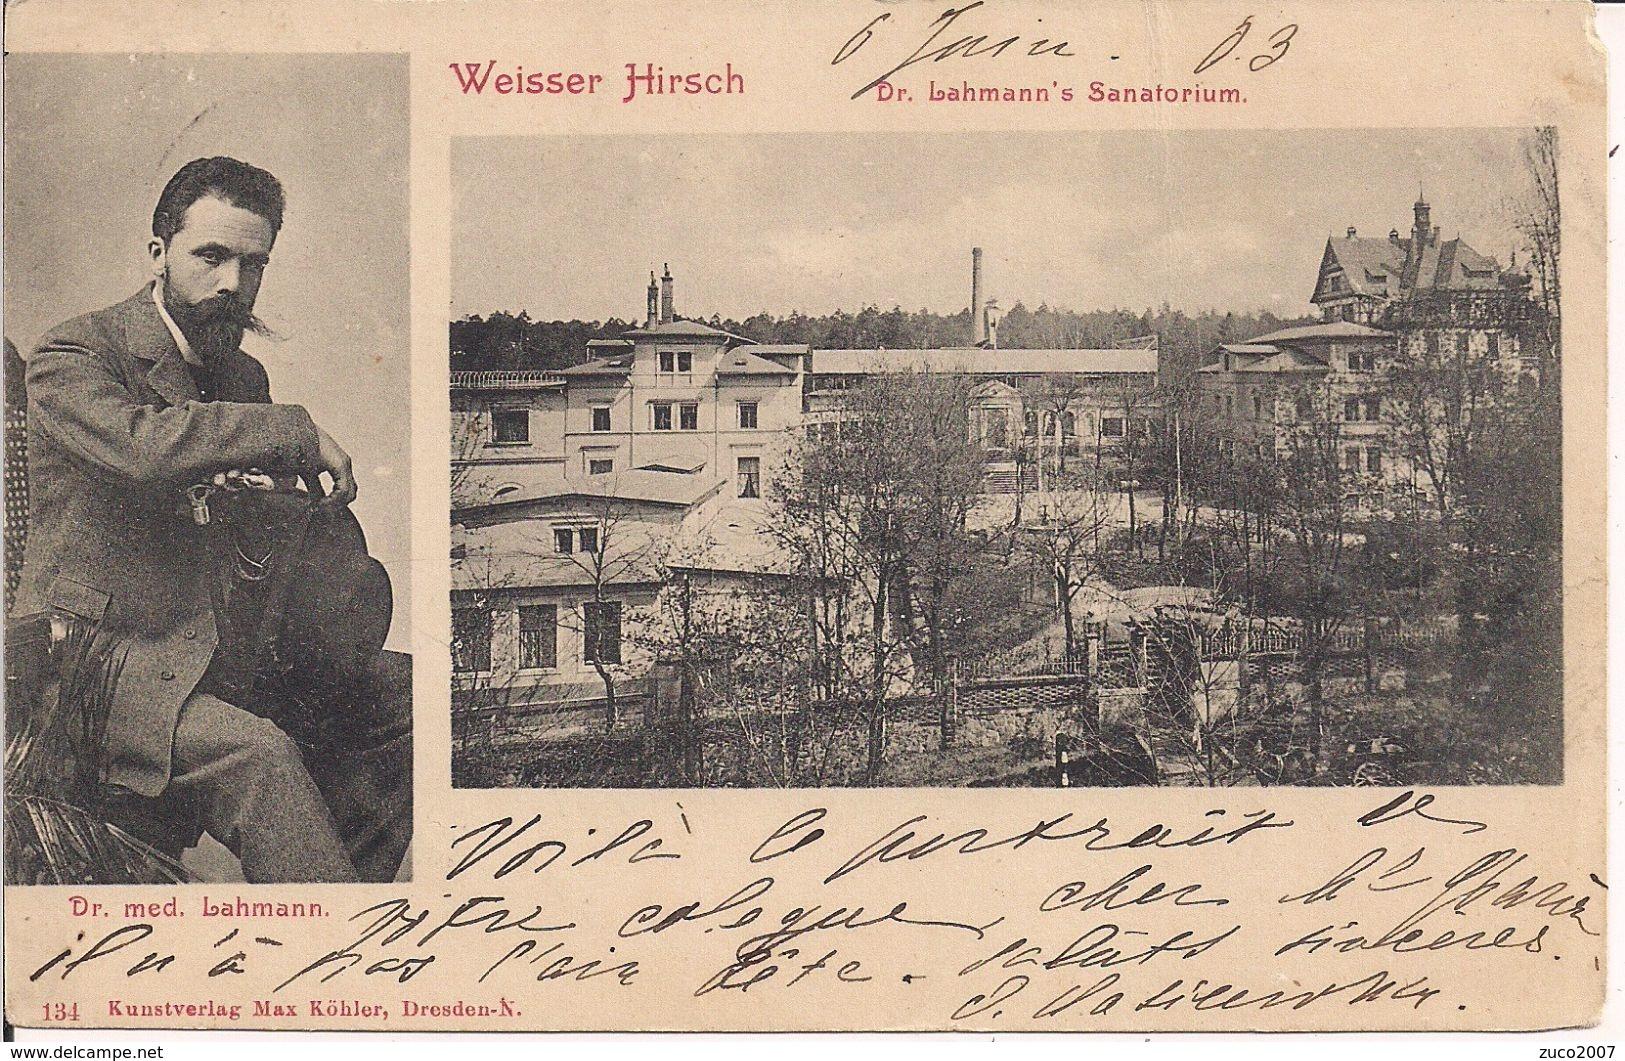 DRESDEN-WEISSER HIRSCH-DR.LAHMANN'S SANATORIUM-TIMBRO POSTE DRESDEN,1903-FIRENZE- NOTA STORICA - Dresden